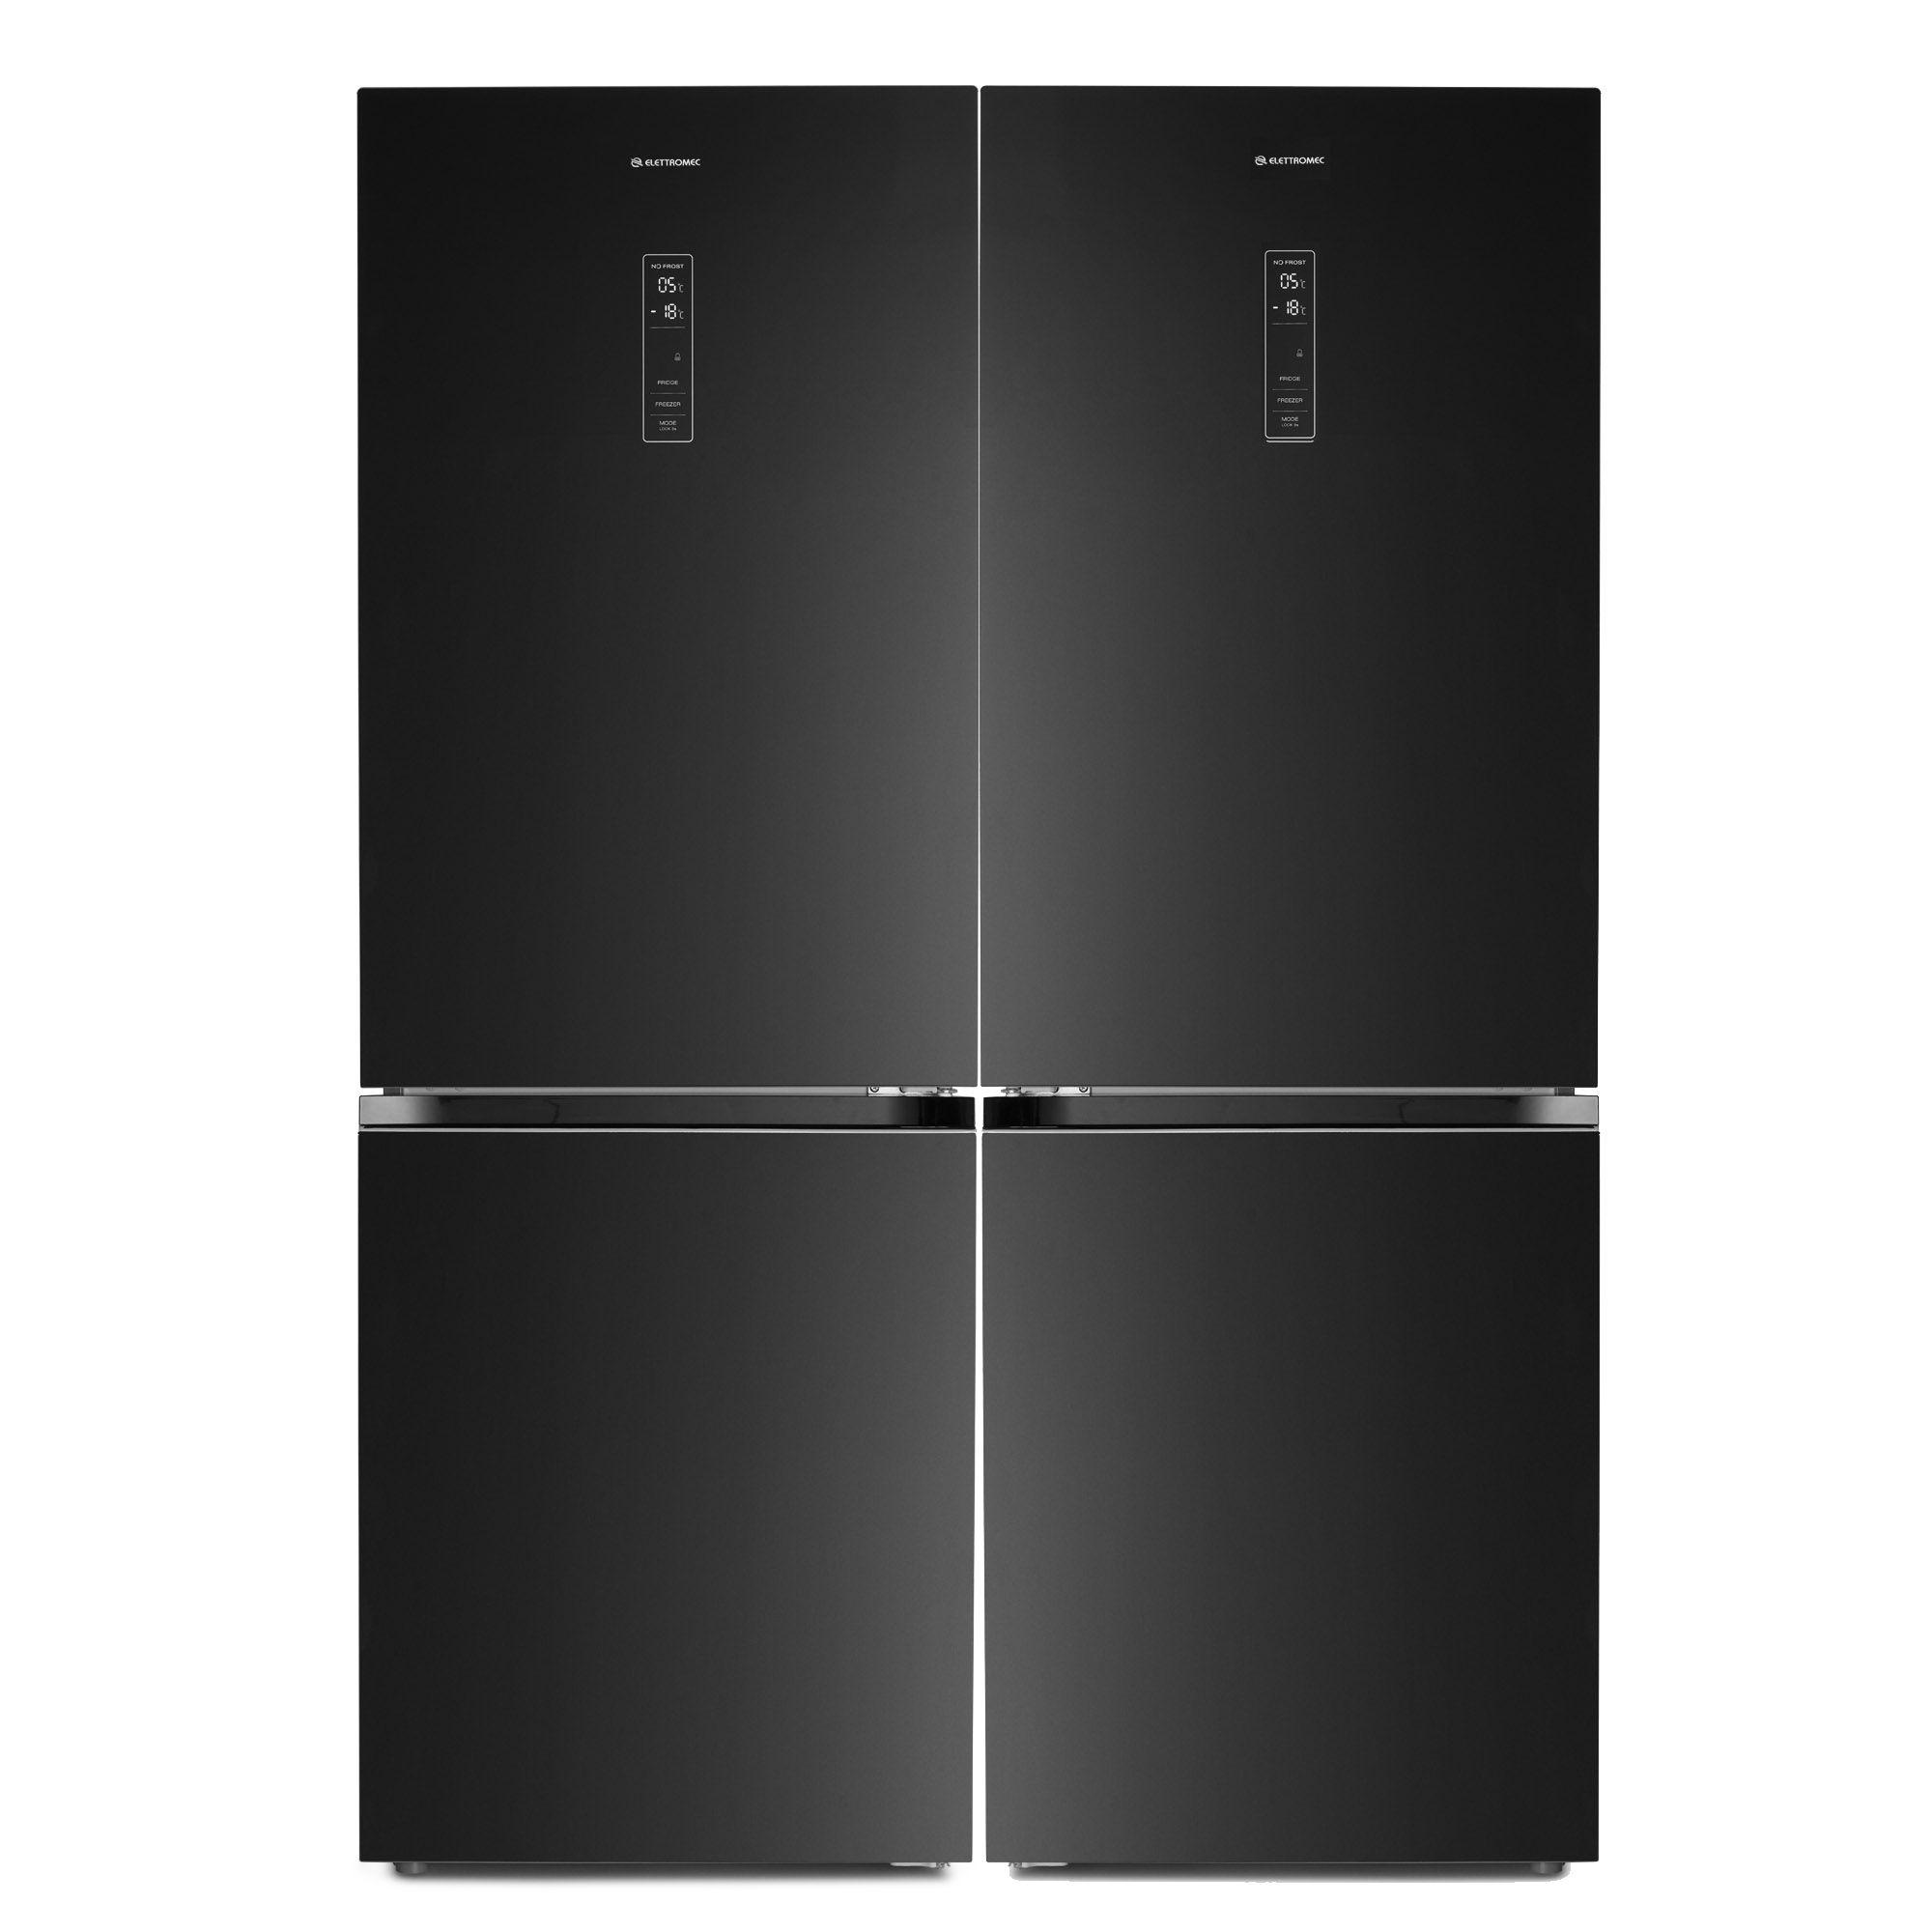 Refrigerador Elettromec Vetro Duo Bottom Freezer 634 Litros Vidro Preto 220V